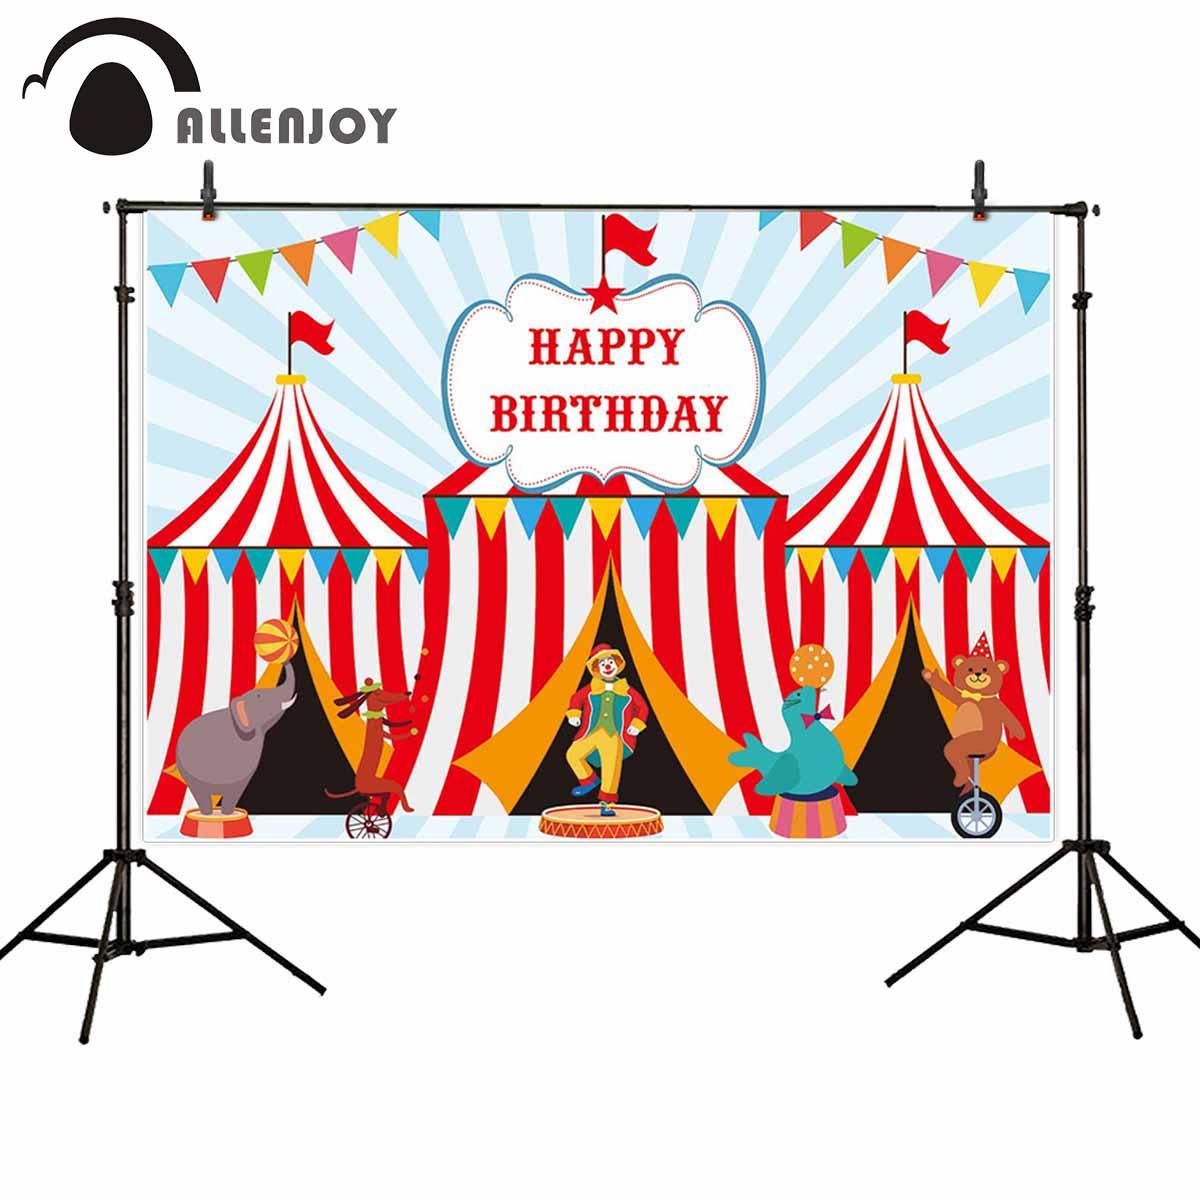 Allenjoy Feliz cumpleaños fiesta Photozone banderas tiendas de rayas payaso animales de dibujos animados mostrar Banner telón de fondo infantil circo fiesta cortina